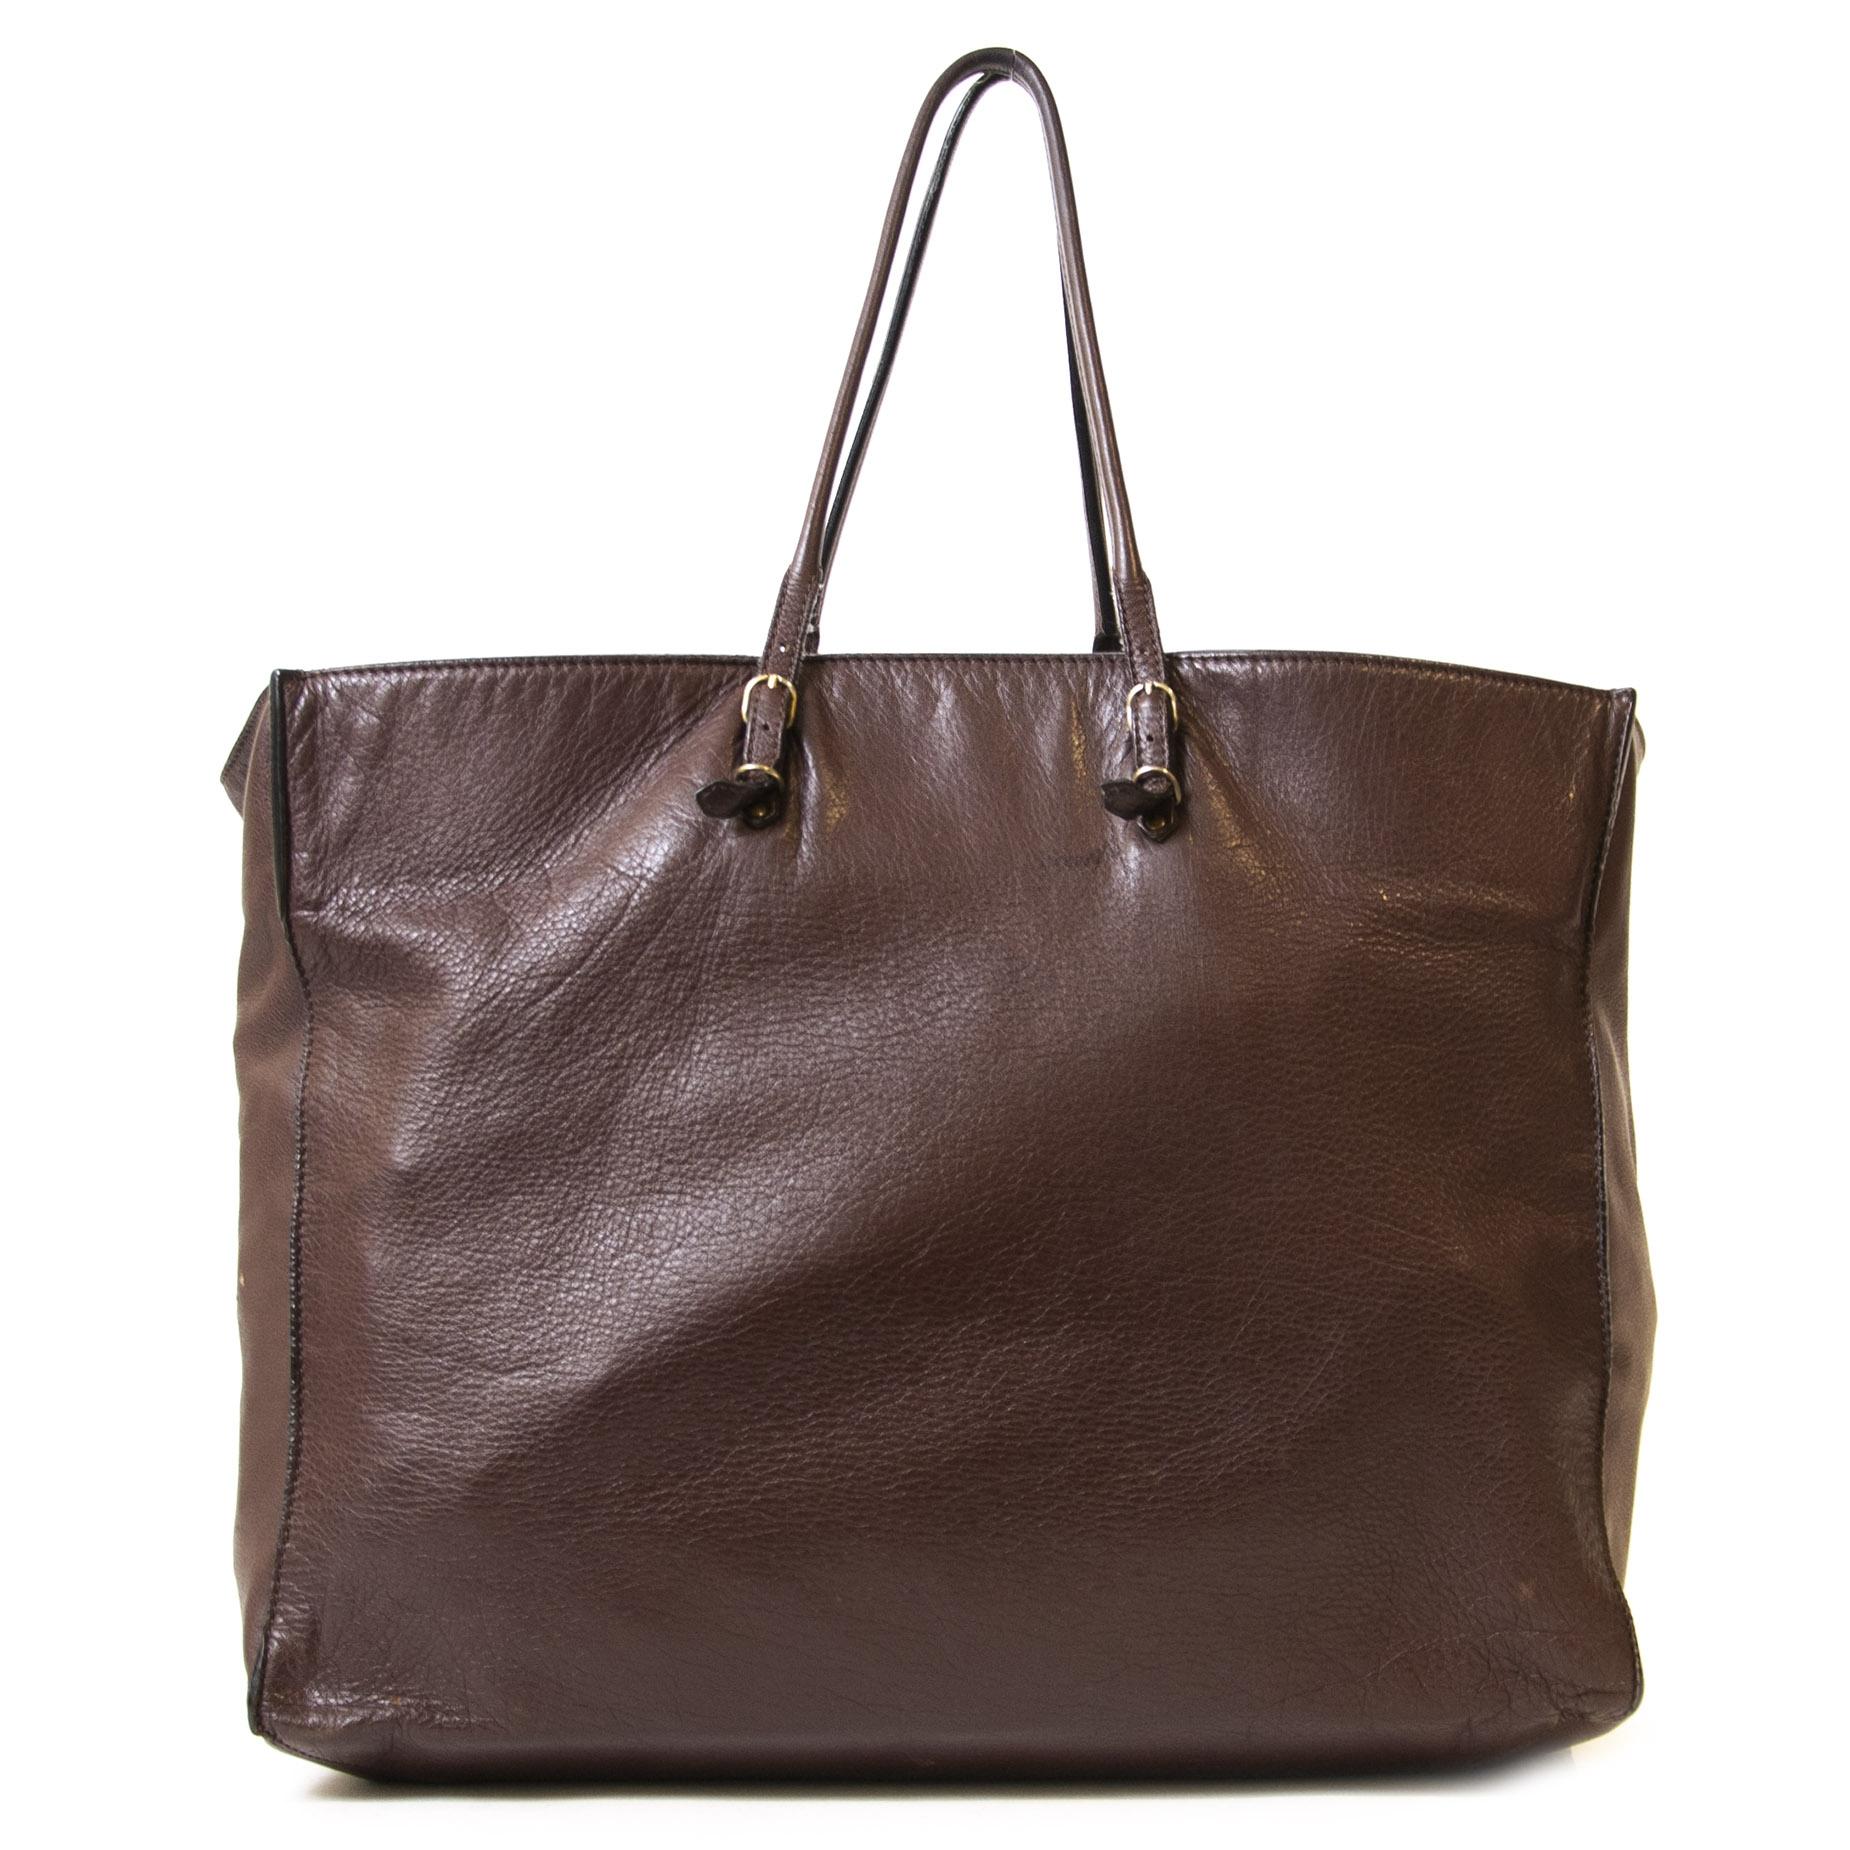 Authentieke Tweedehands Balenciaga Burgundy Leather Papier Bag PM juiste prijs veilig online shoppen luxe merken webshop mode fashion winkelen Antwerpen België